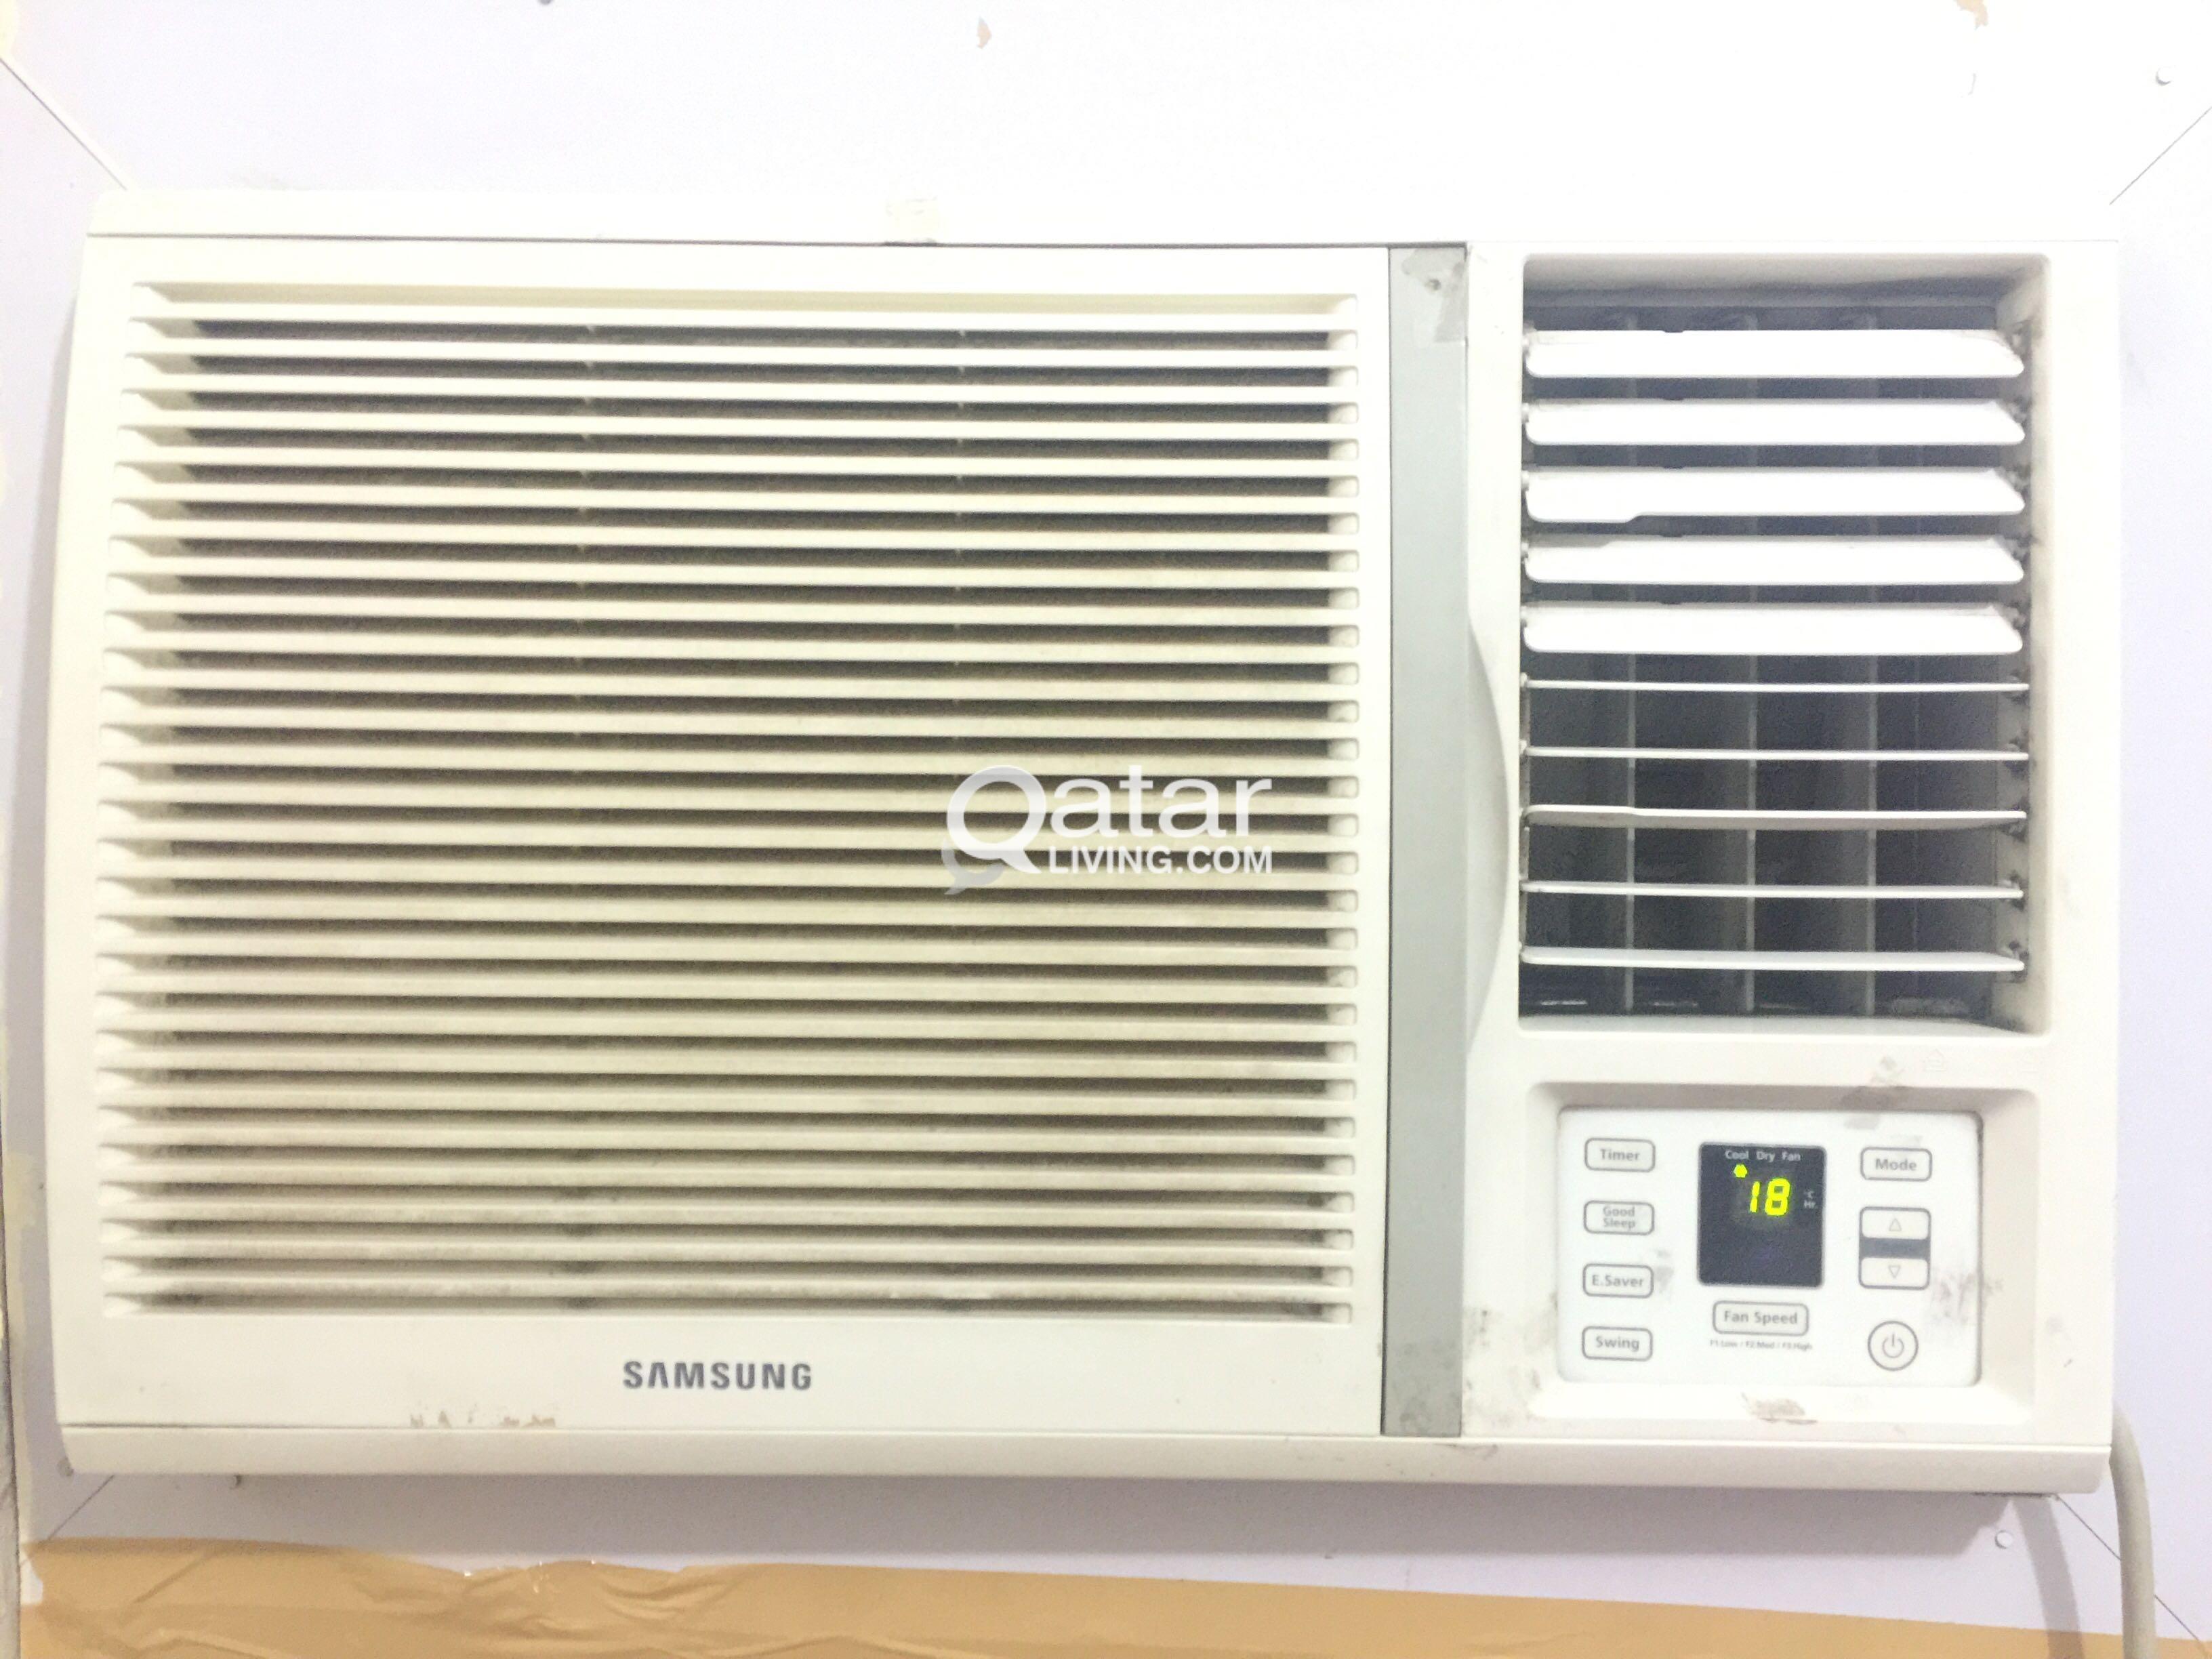 SAMSUNG 1 5 ton Remote control Window Ac   Qatar Living